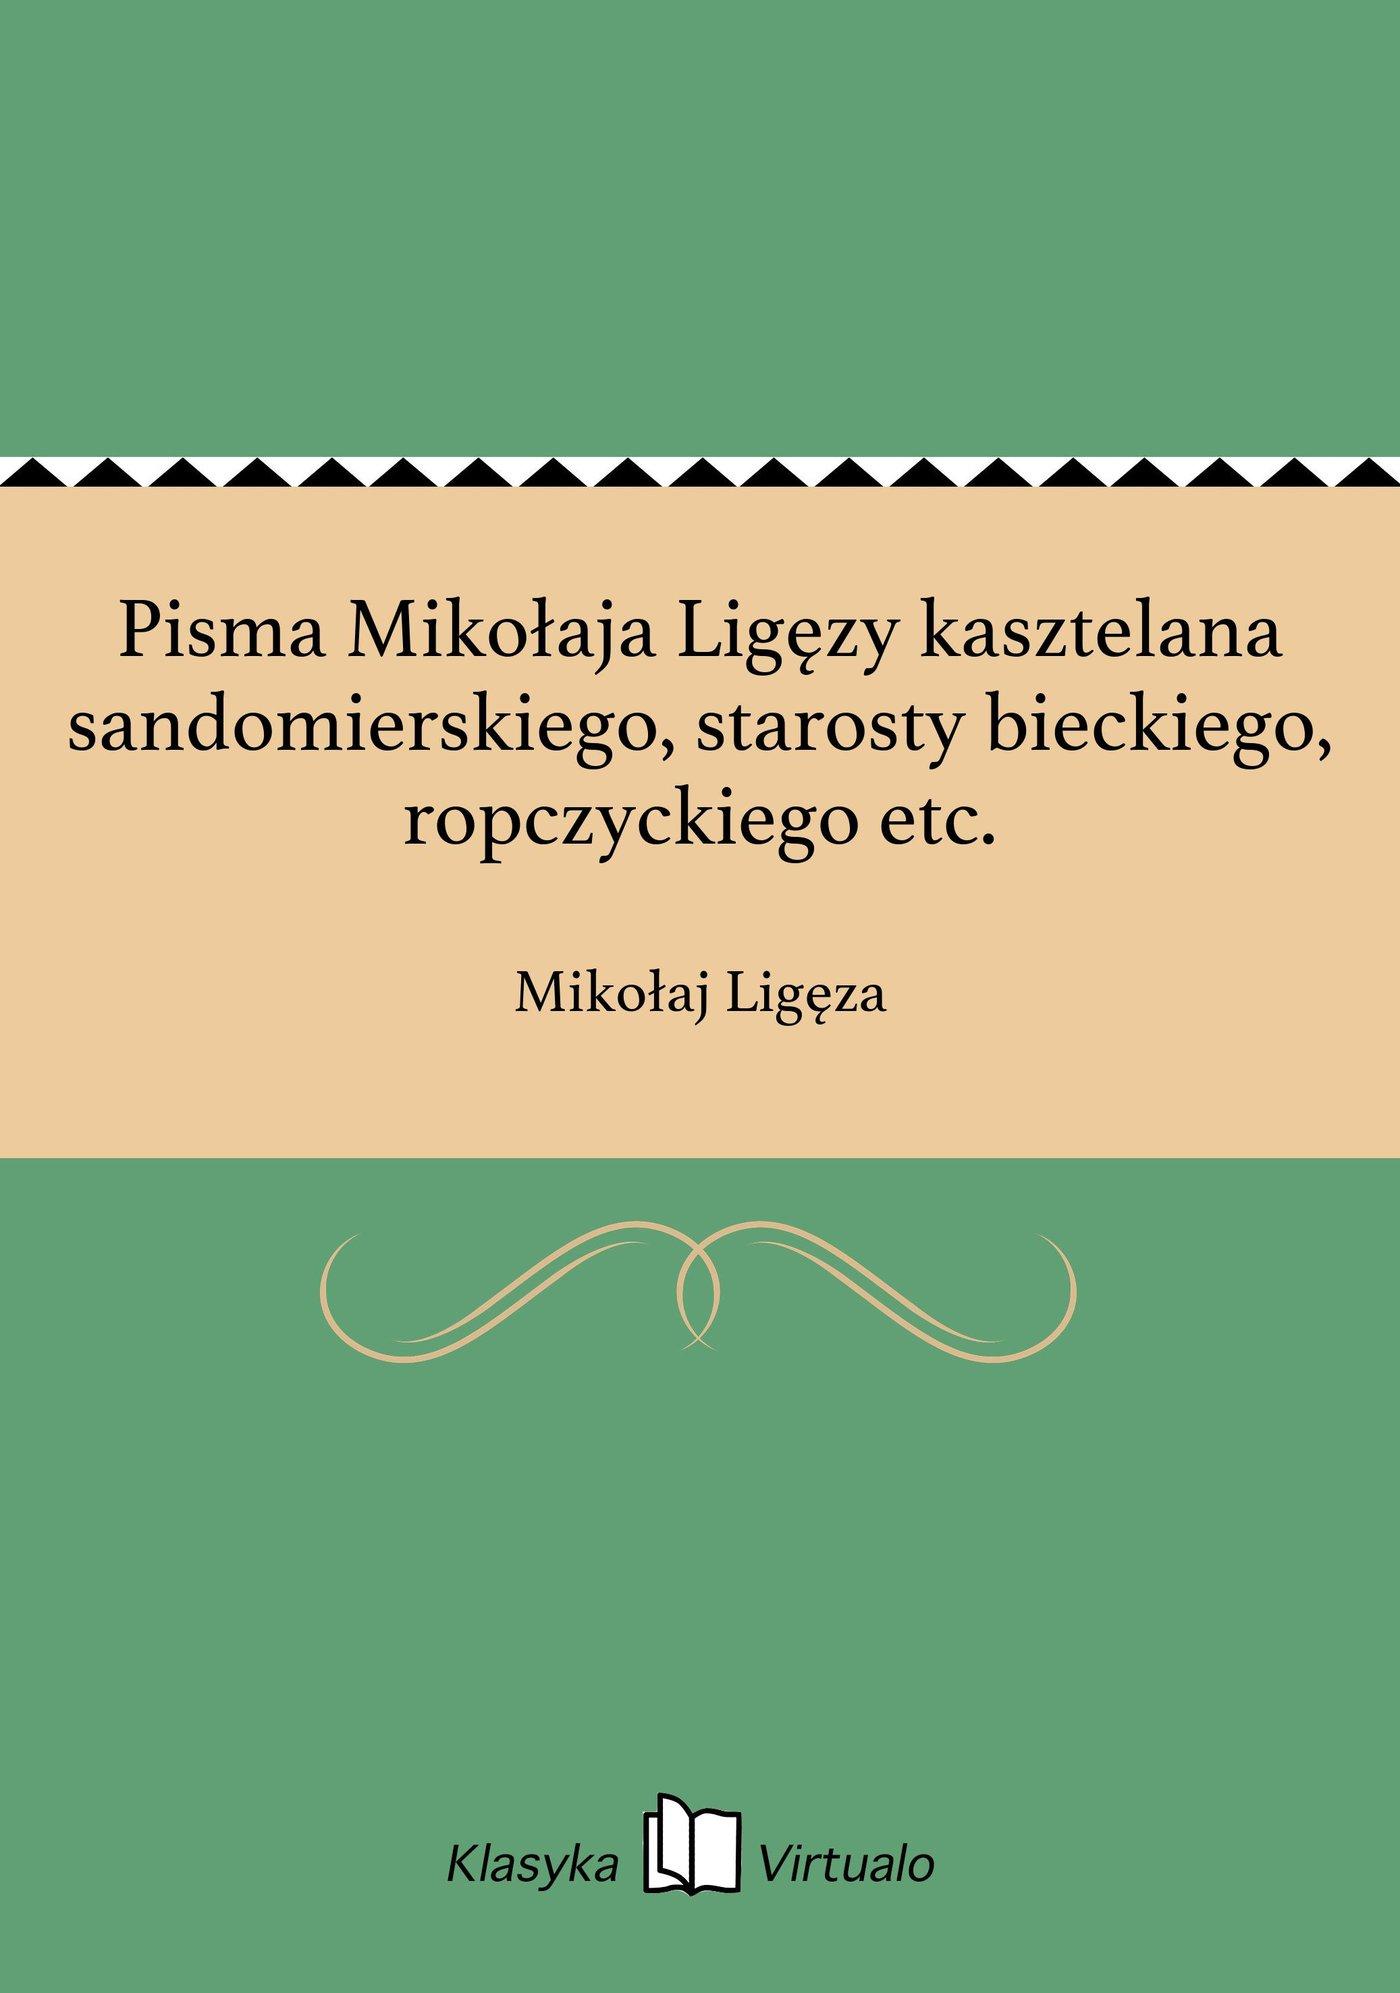 Pisma Mikołaja Ligęzy kasztelana sandomierskiego, starosty bieckiego, ropczyckiego etc. - Ebook (Książka na Kindle) do pobrania w formacie MOBI